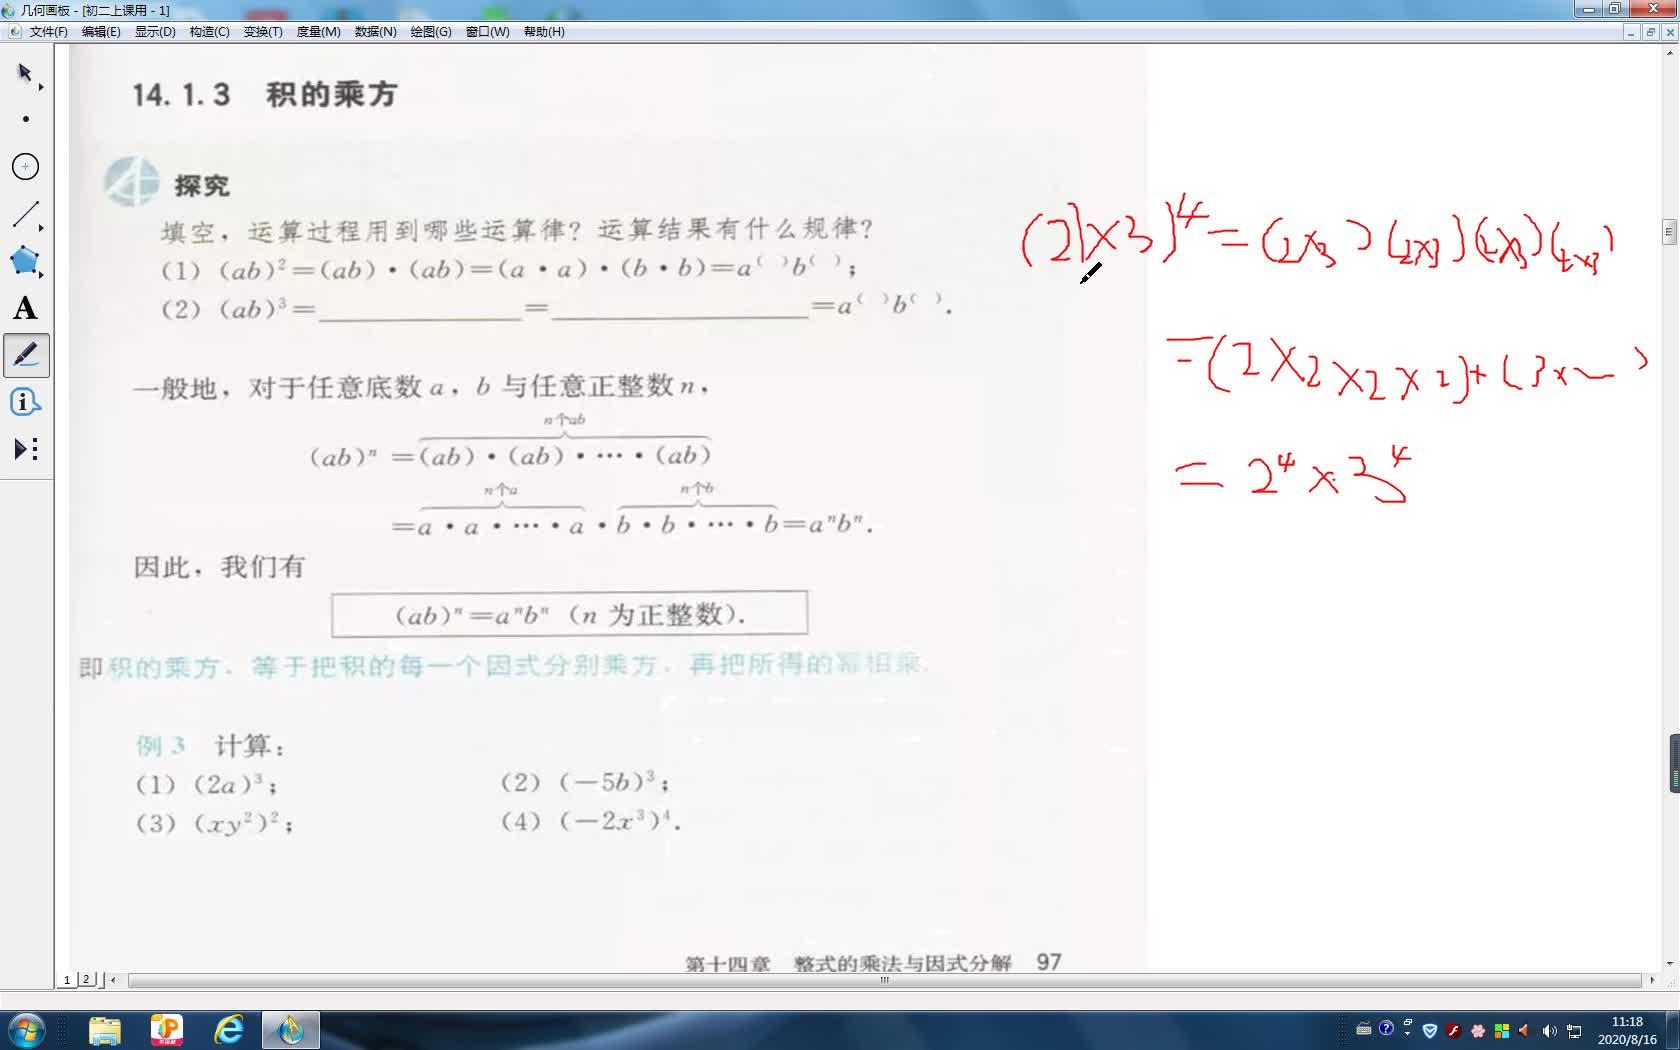 14.1.3积的乘方[来自e网通极速客户端]人教版八年级上册 14.1.3积的乘方  视频讲解人教版八年级上册 14.1.3积的乘方  视频讲解